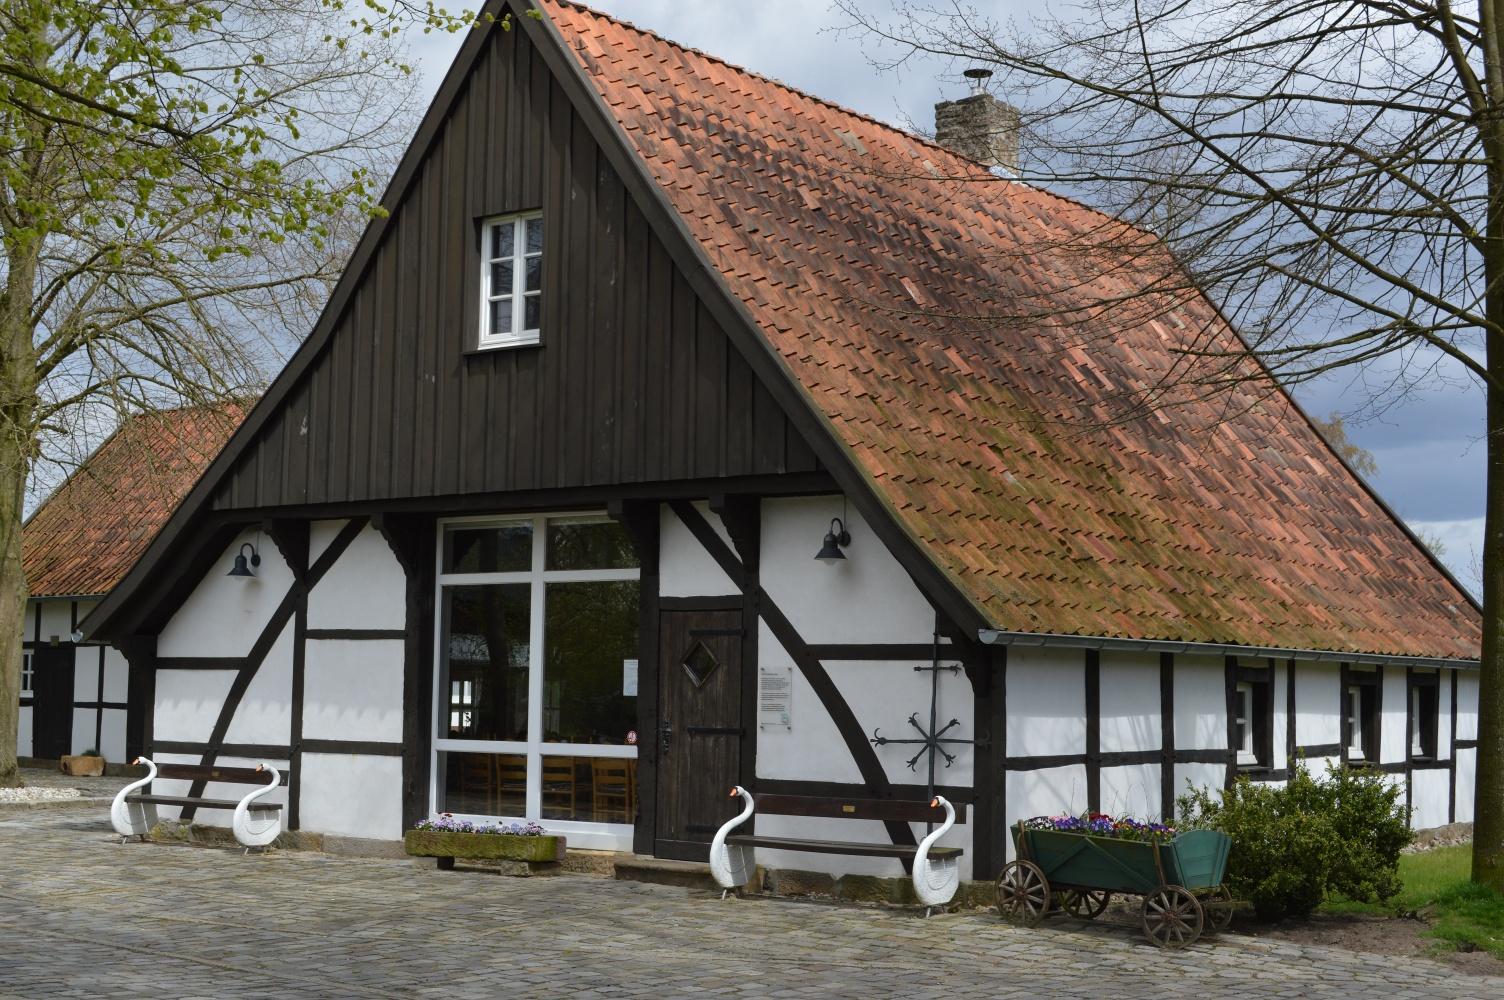 Heimathaus in Elte